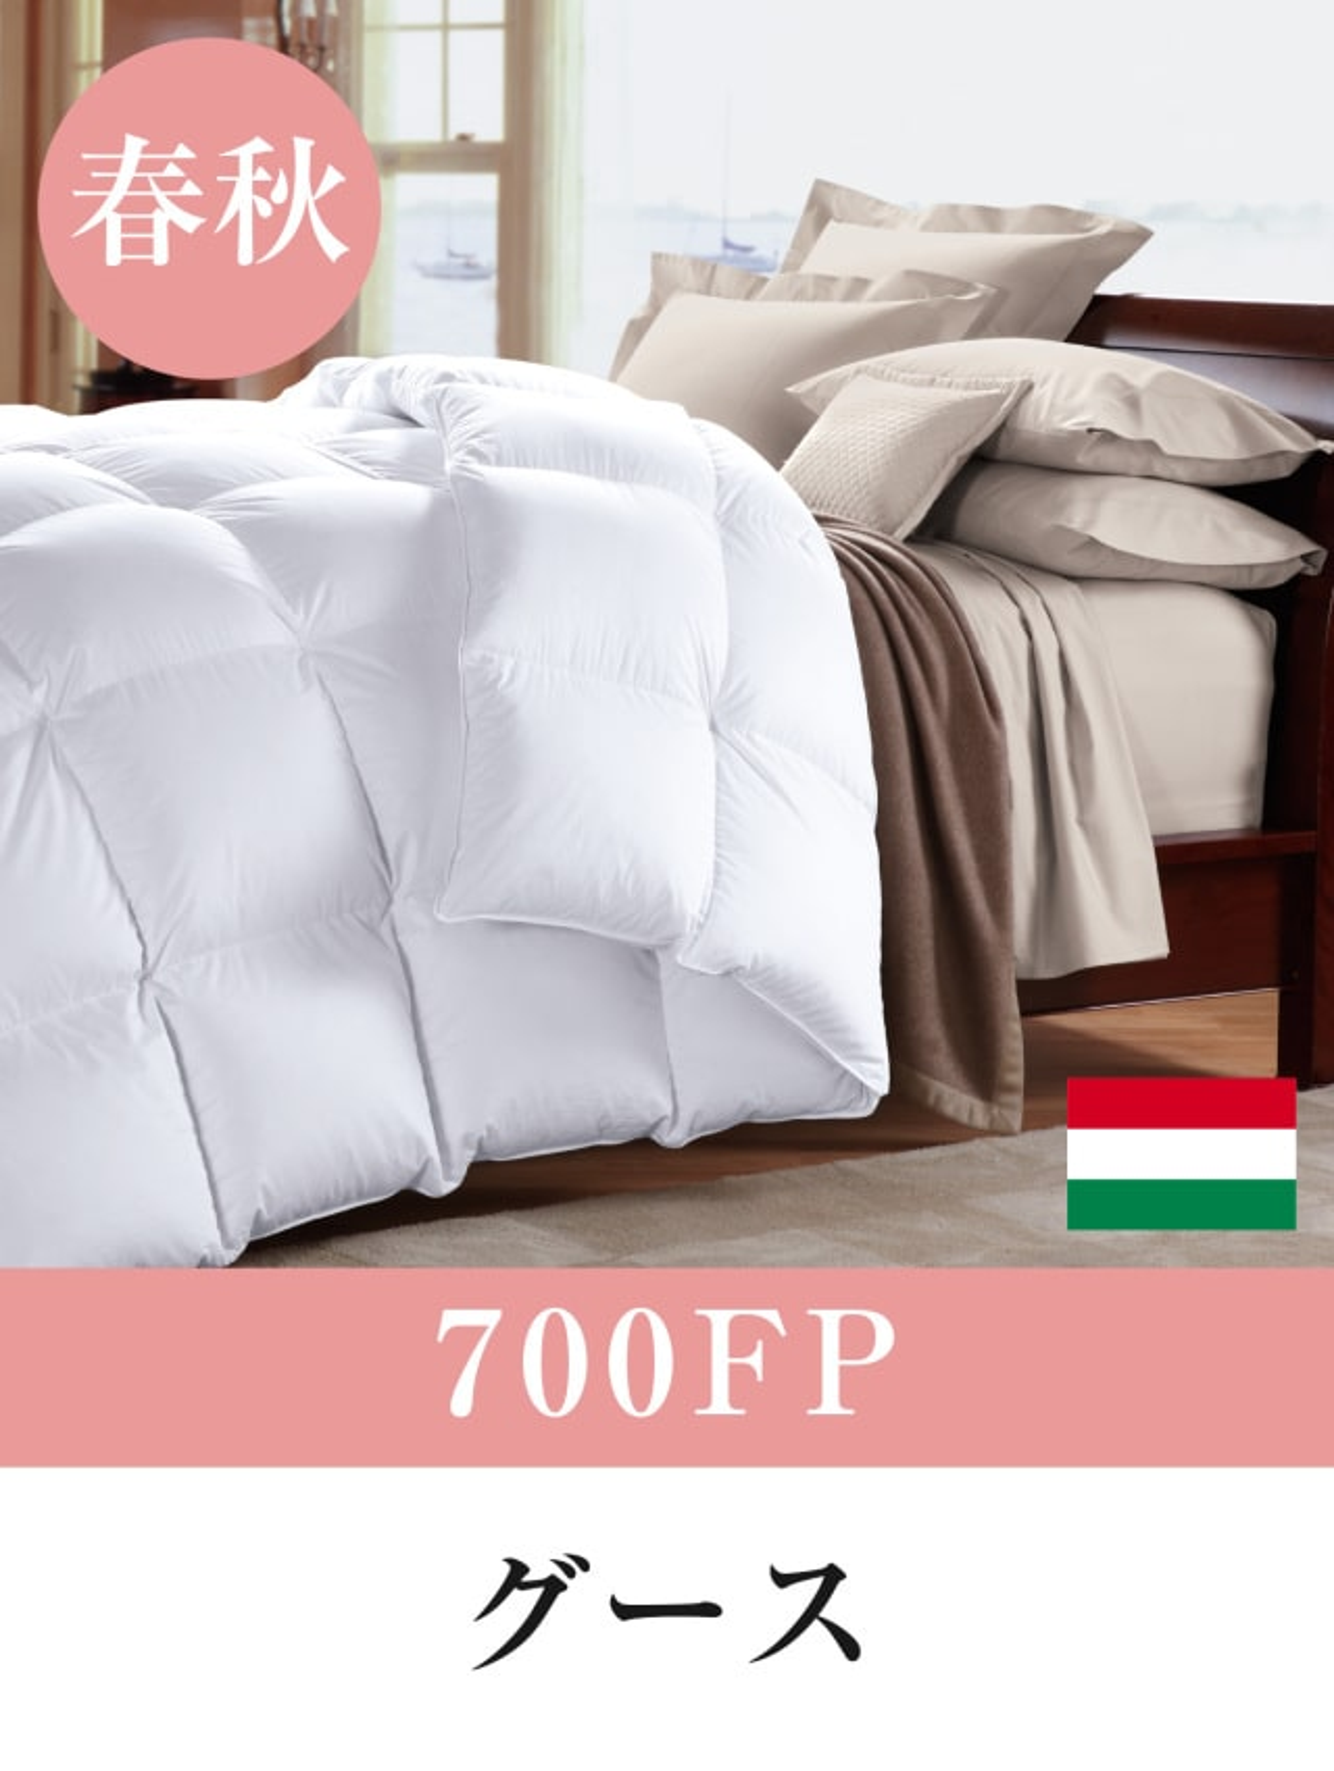 羽毛布団 合い掛け(春秋用)  | 700フィルパワーハンガリー産ホワイトグースダウン | 即日配送も